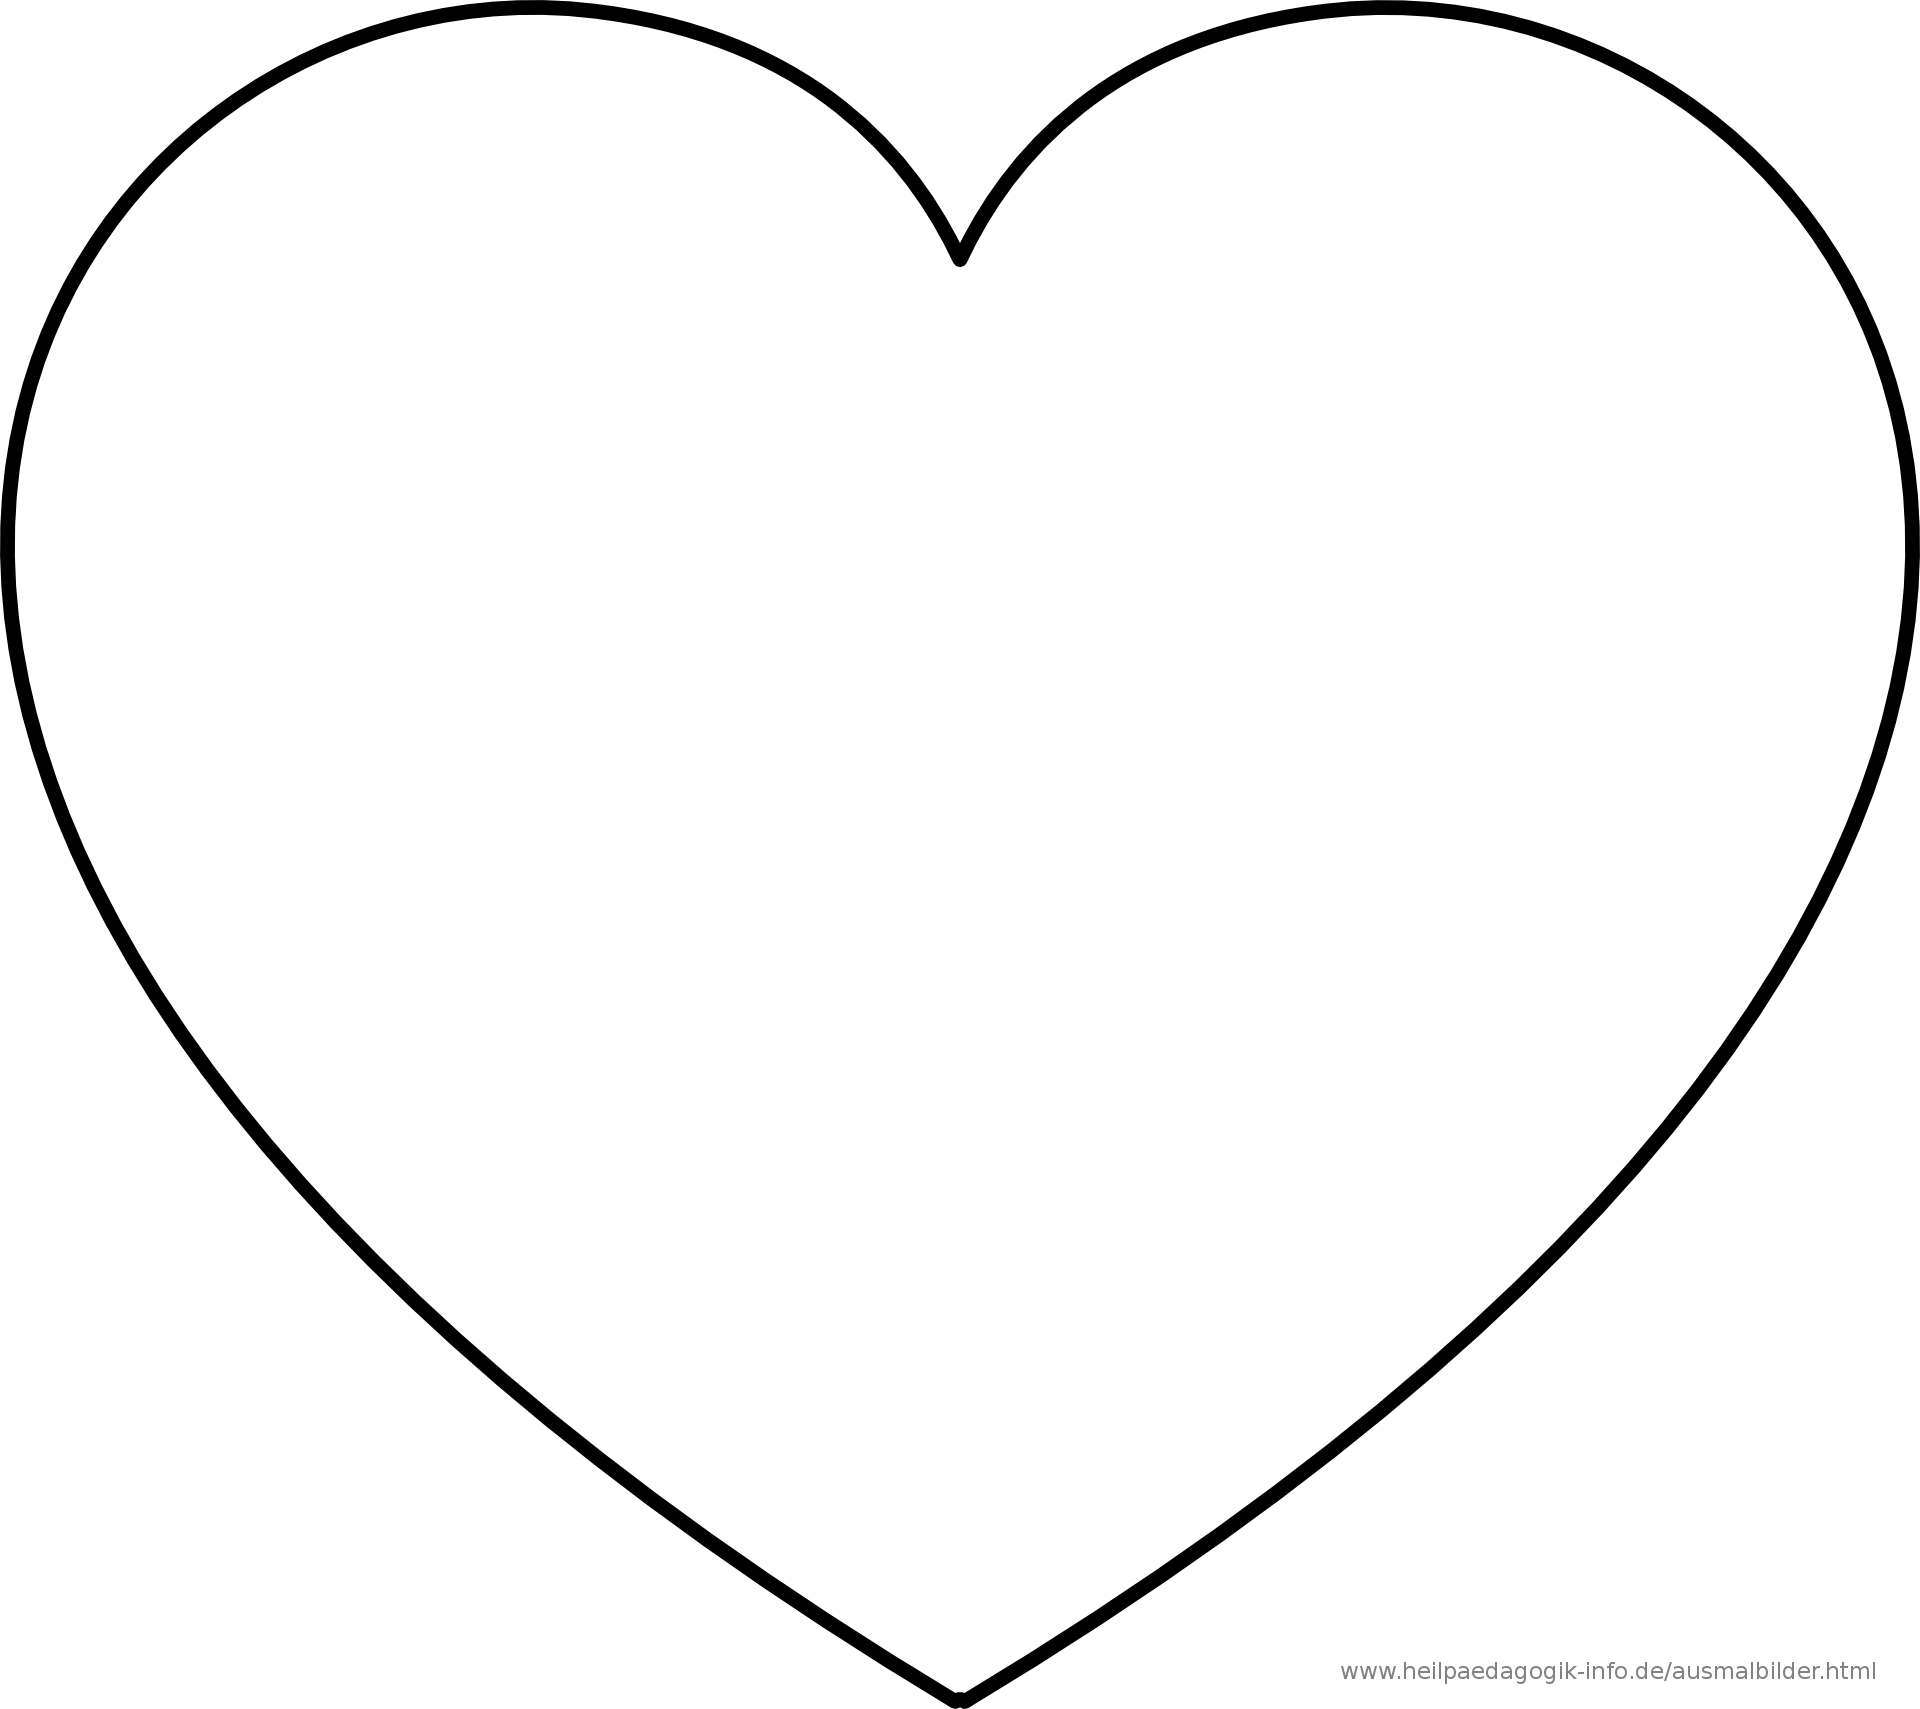 Pin Von Suzan Akdogan Auf Vicky In 2020 Herz Ausmalbild Herz Vorlage Schablonen Zum Ausdrucken